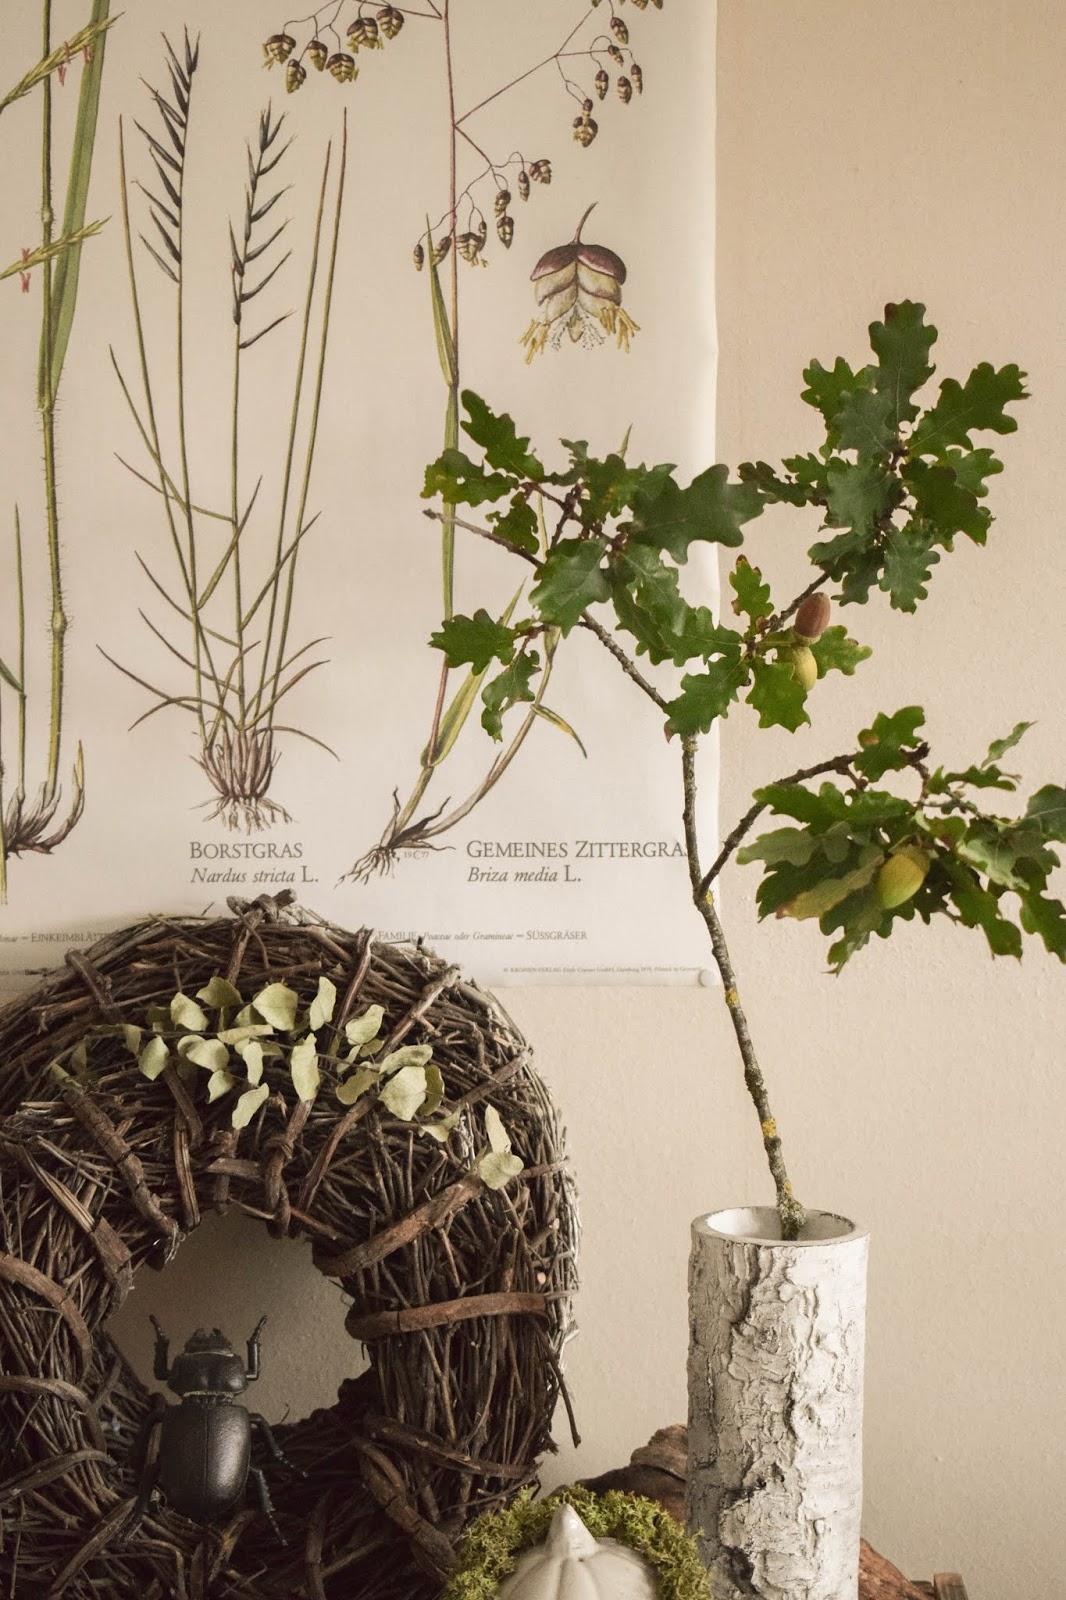 Deko Herbst für Konsole und Sideboard mit Eicheln. Herbstdeko Dekoidee Wohnzimmer Dekoration eiche eicheln botanisch natuerlich dekorieren